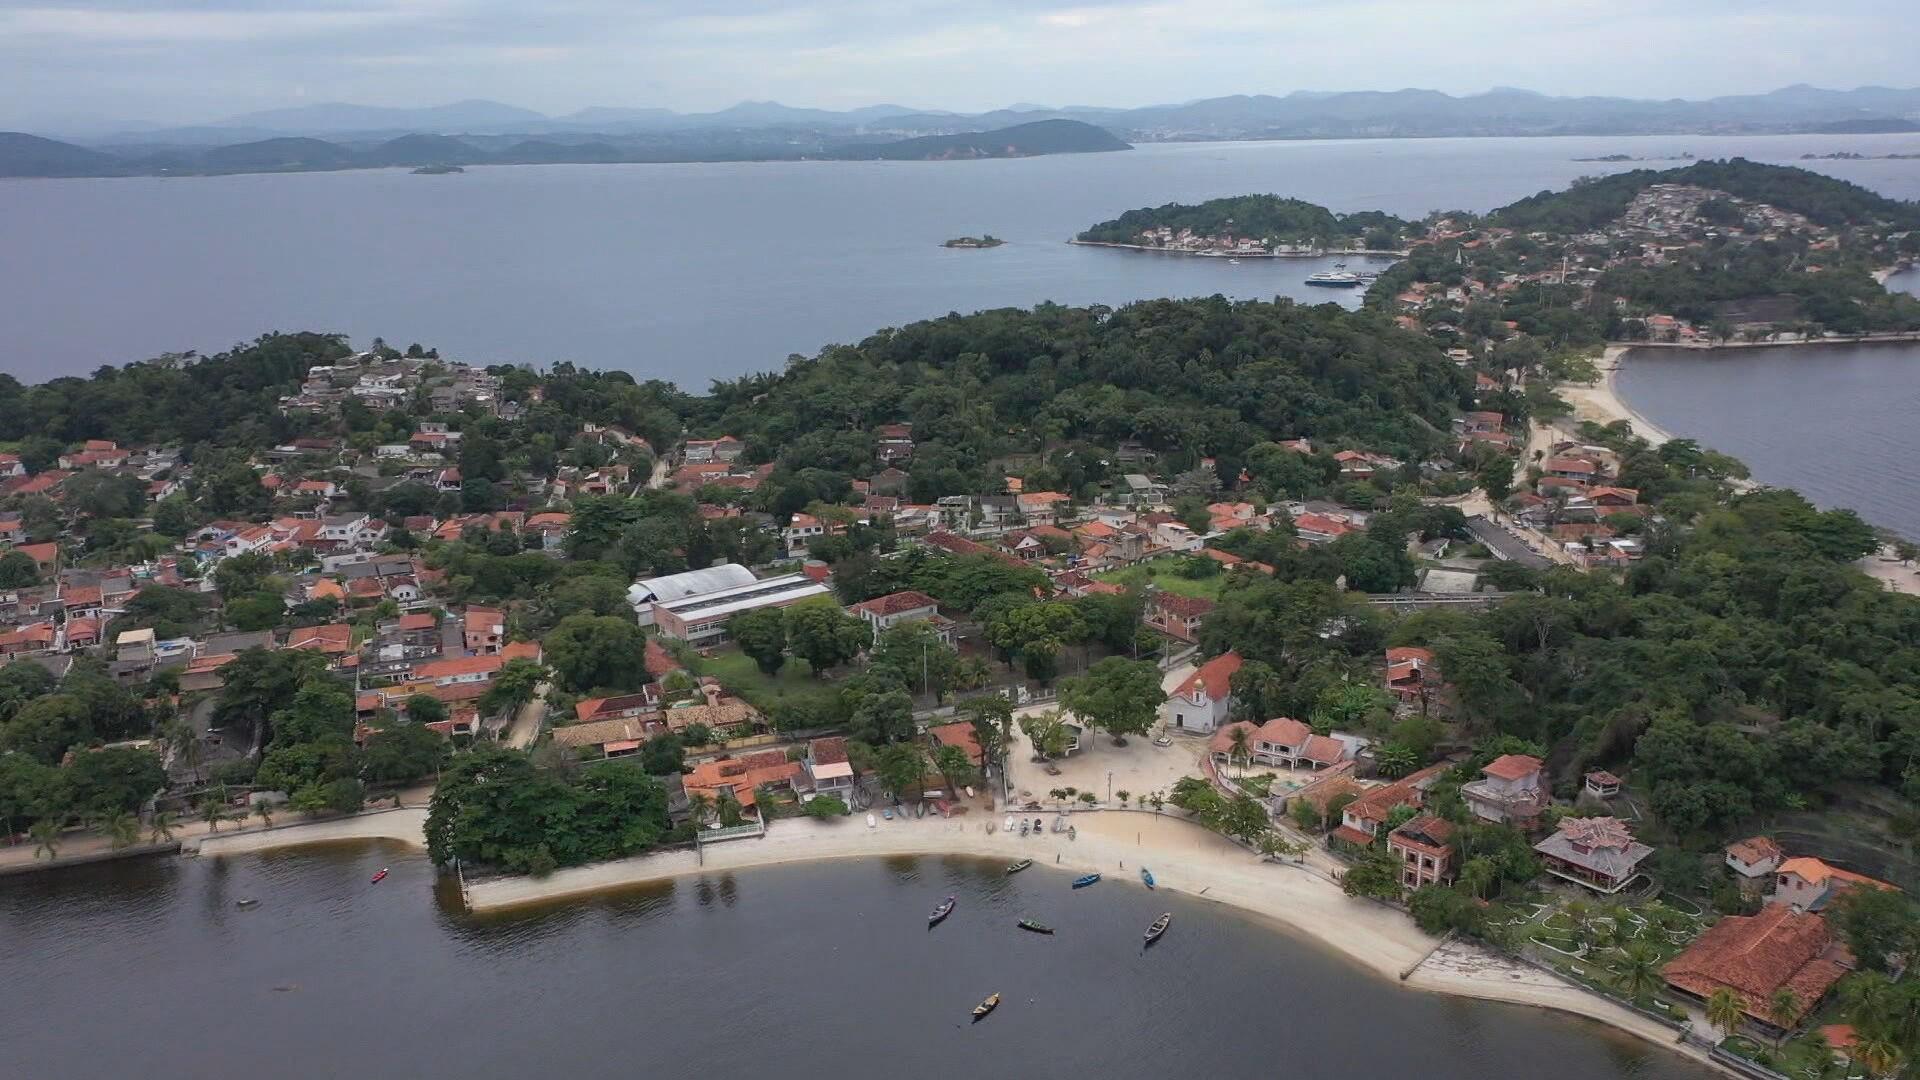 Censo 2022: teste realizado em Paquetá, no Rio, mostra que quase 1/3 da população local é idosa